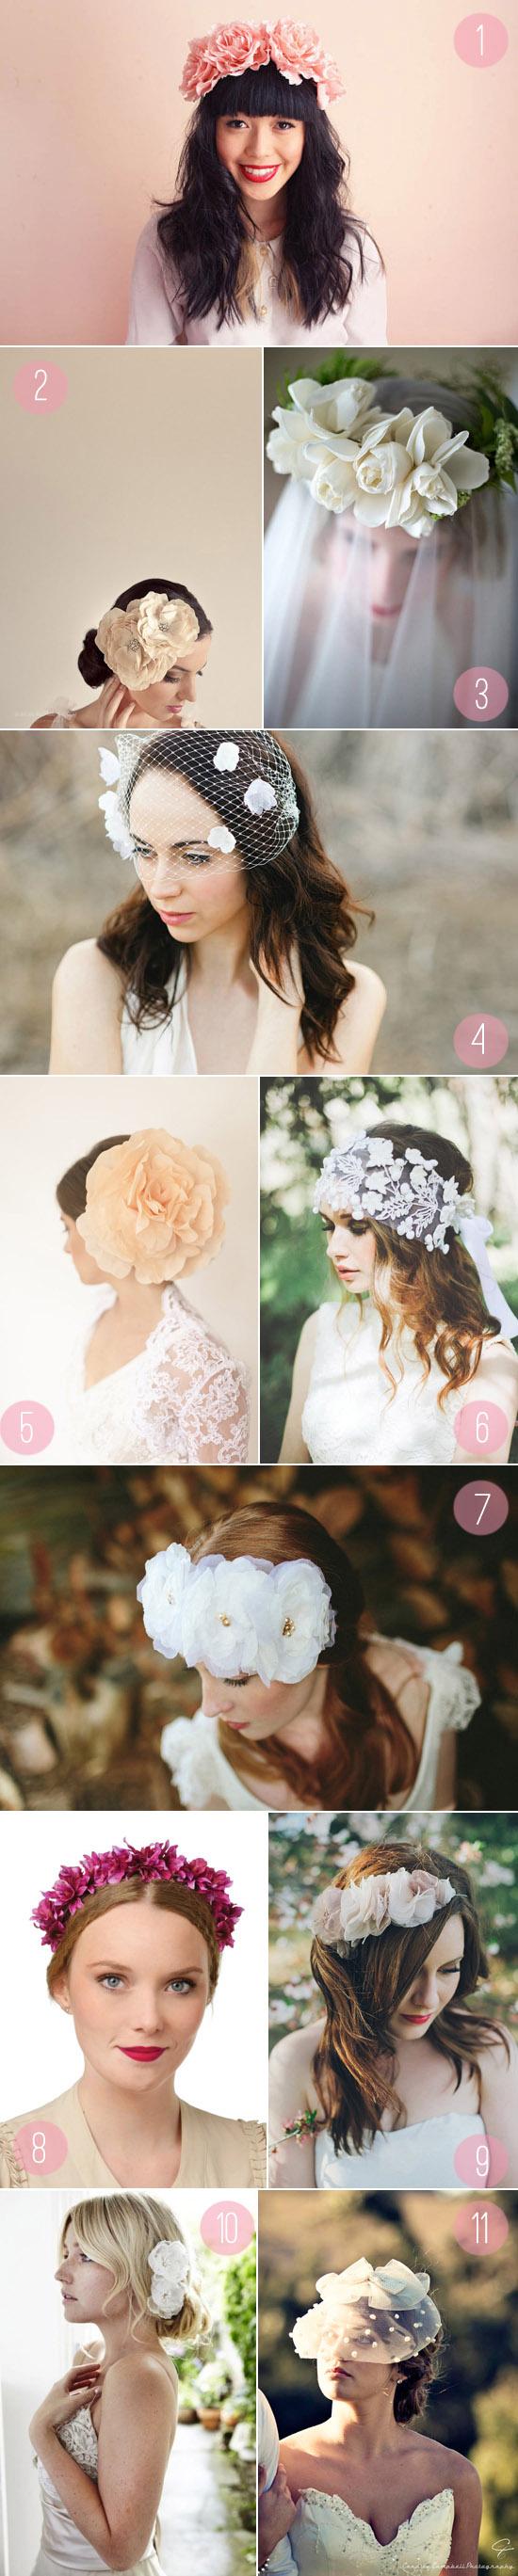 spring wedding hair pieces